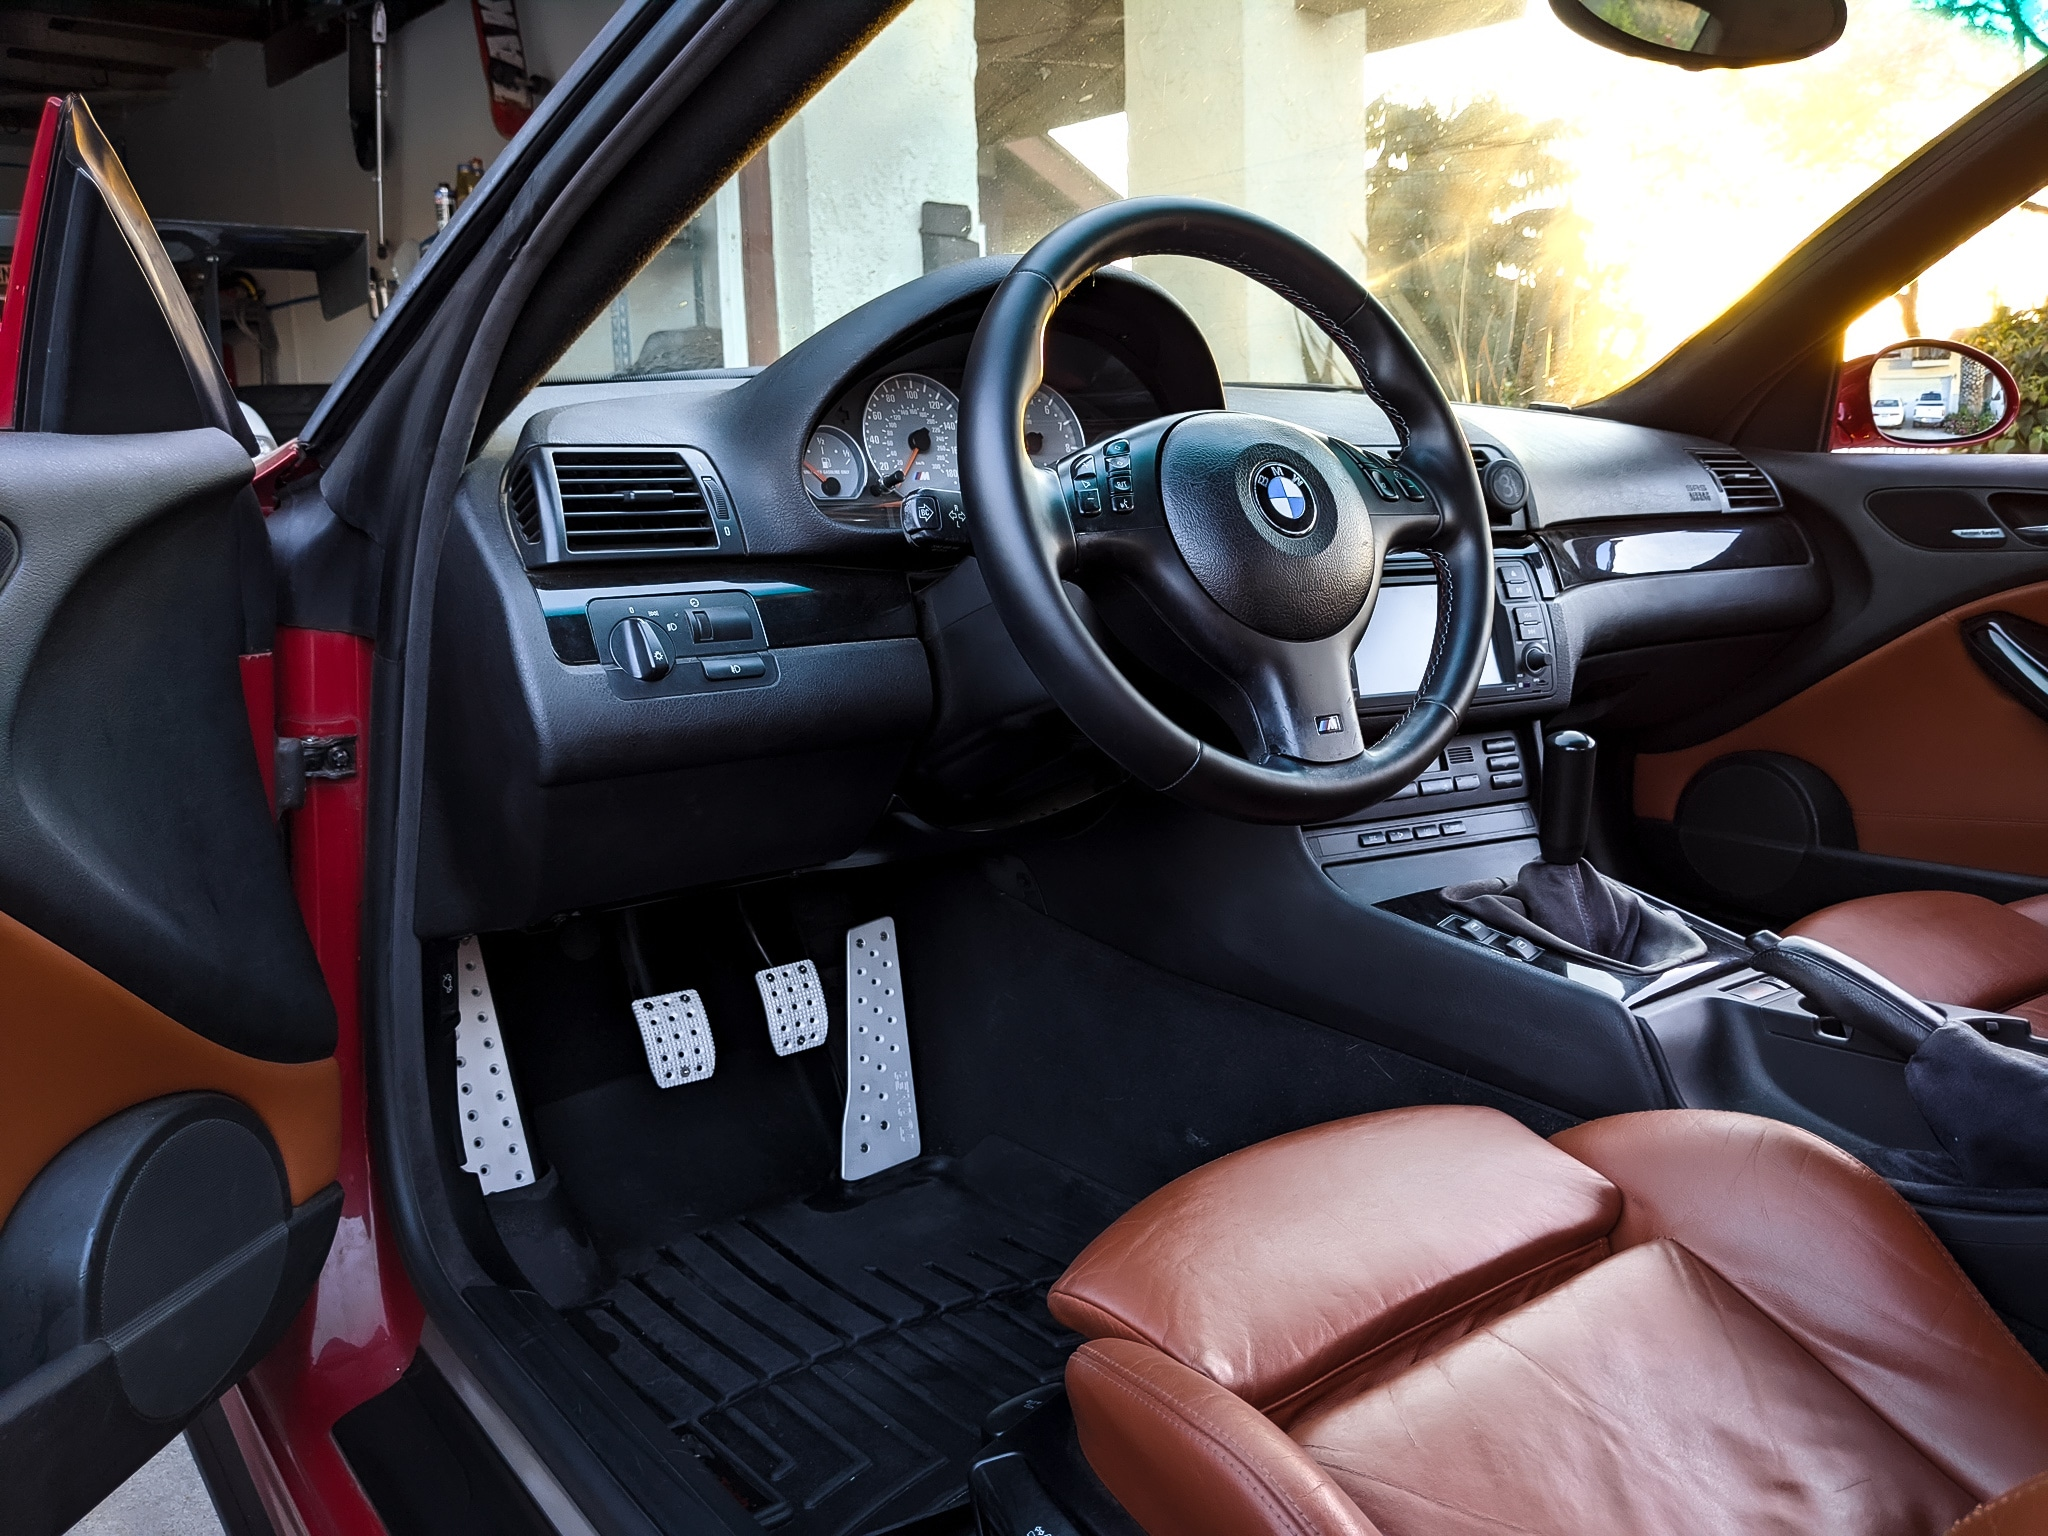 BMW E46 M3 Pedal Set - Turner Motorsport